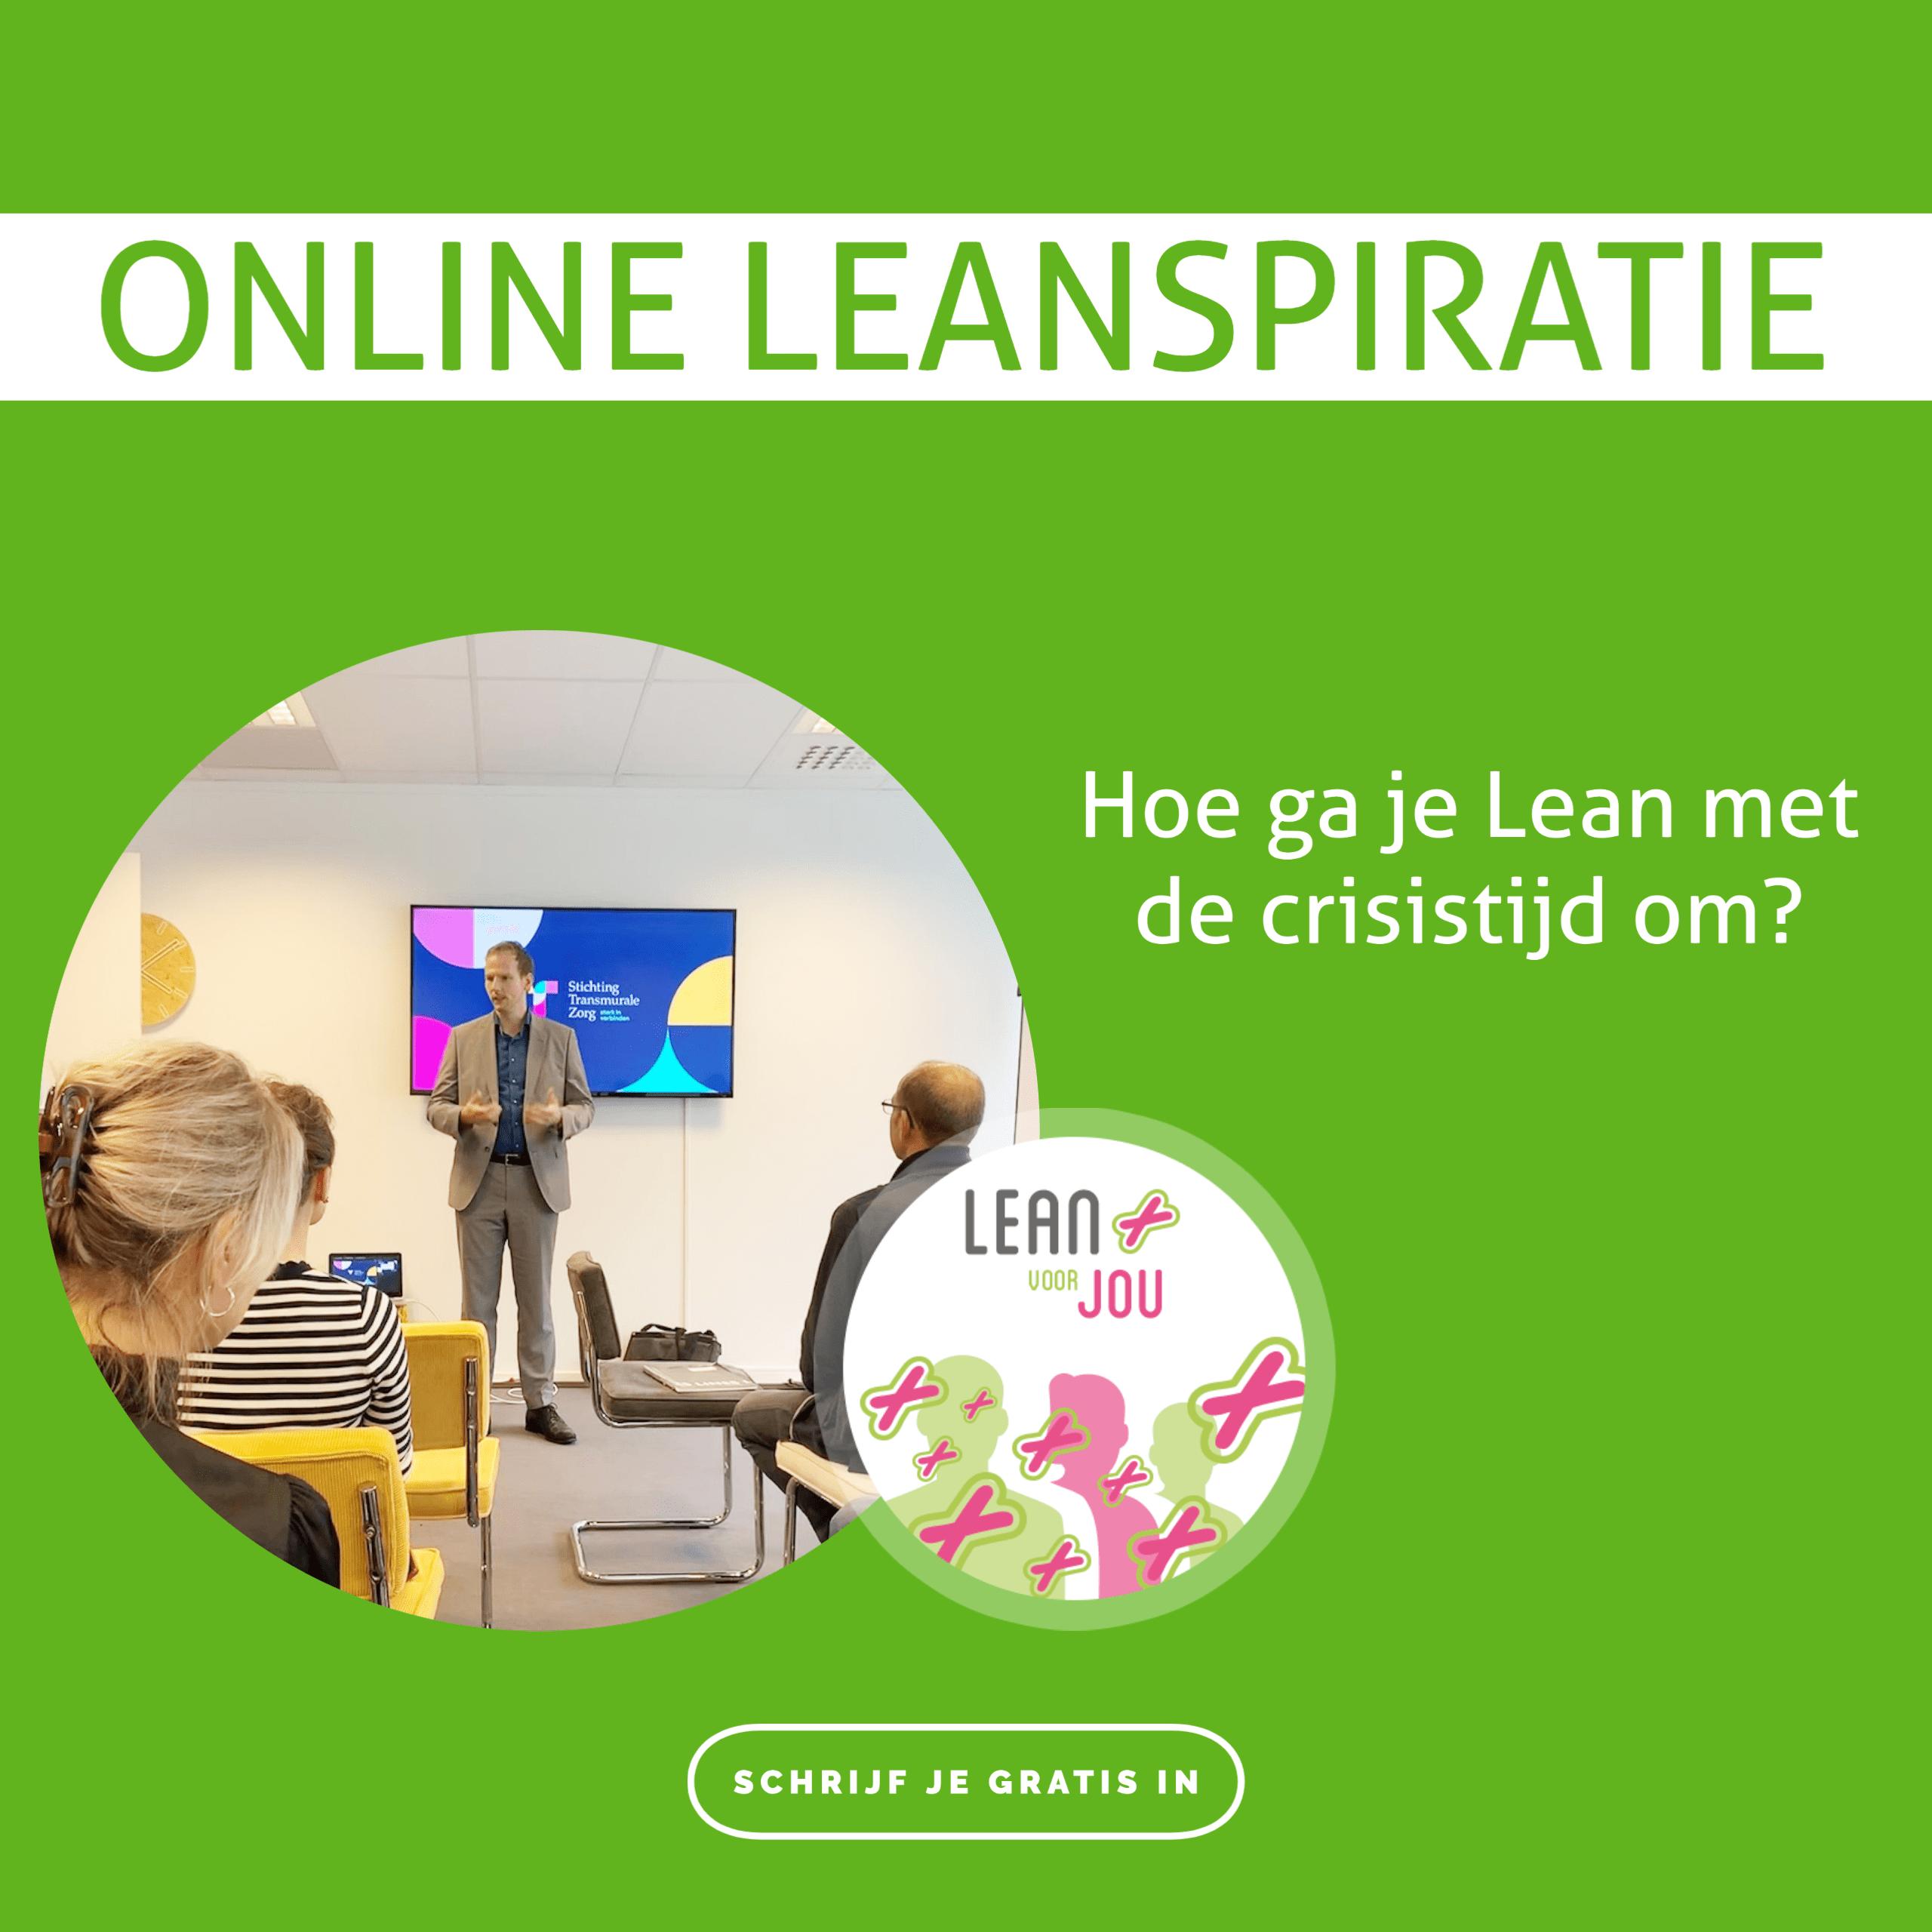 Online Leanspiratie met Ben van Asselt over Lean in de crisistijd